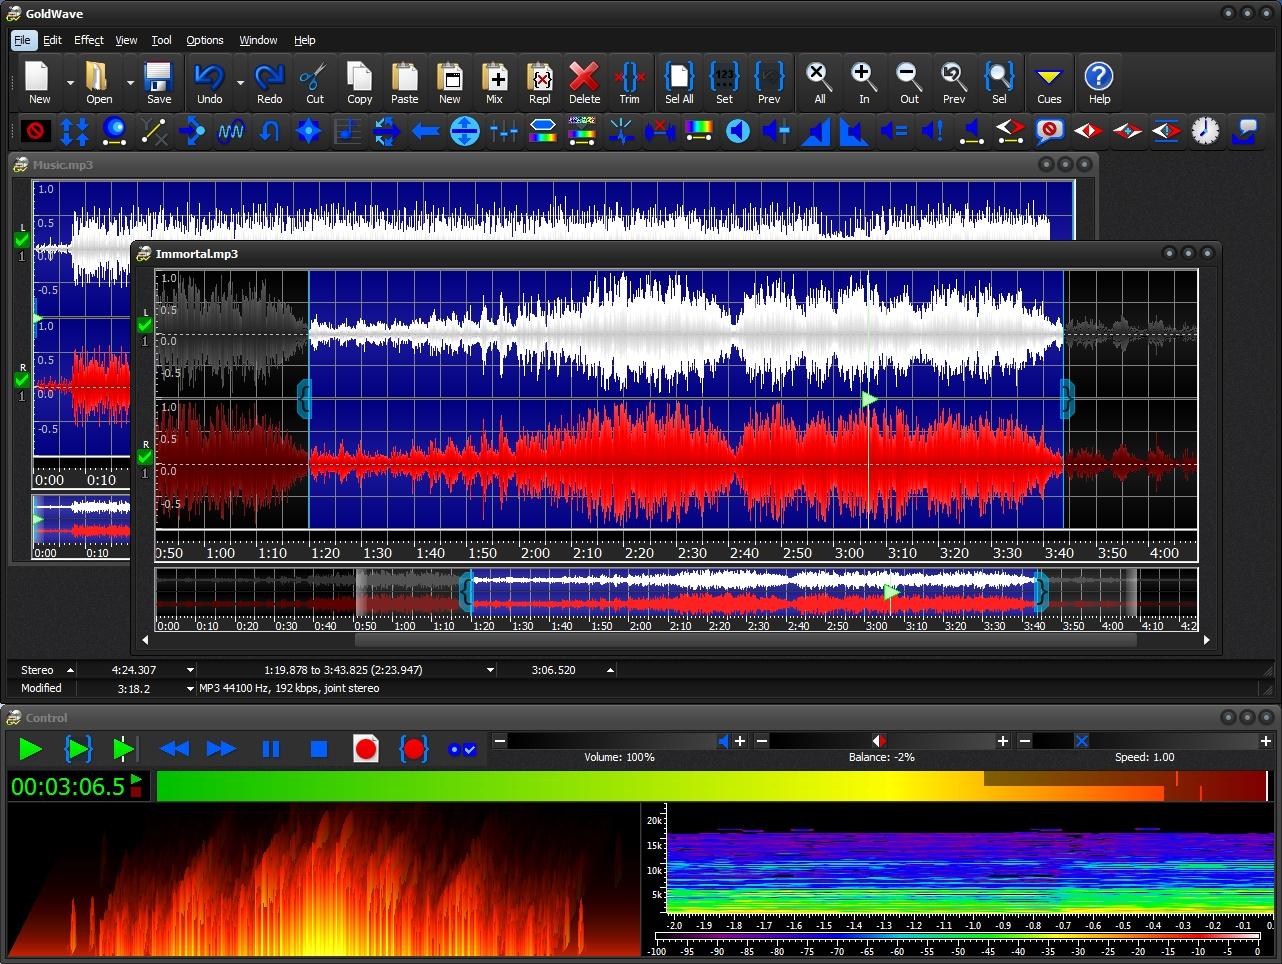 تحميل برنامج محرر صوت رقمي رائع وكامل المزايا GoldWave 6.46